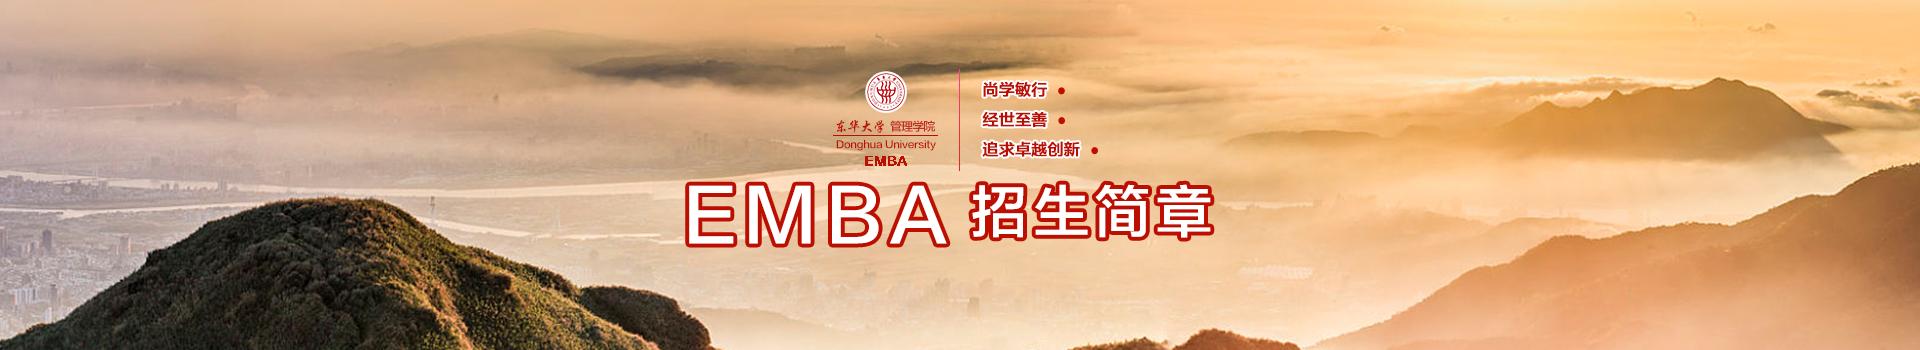 东华大学旭日工商管理学院高级工商管理硕士EMBA招生简章